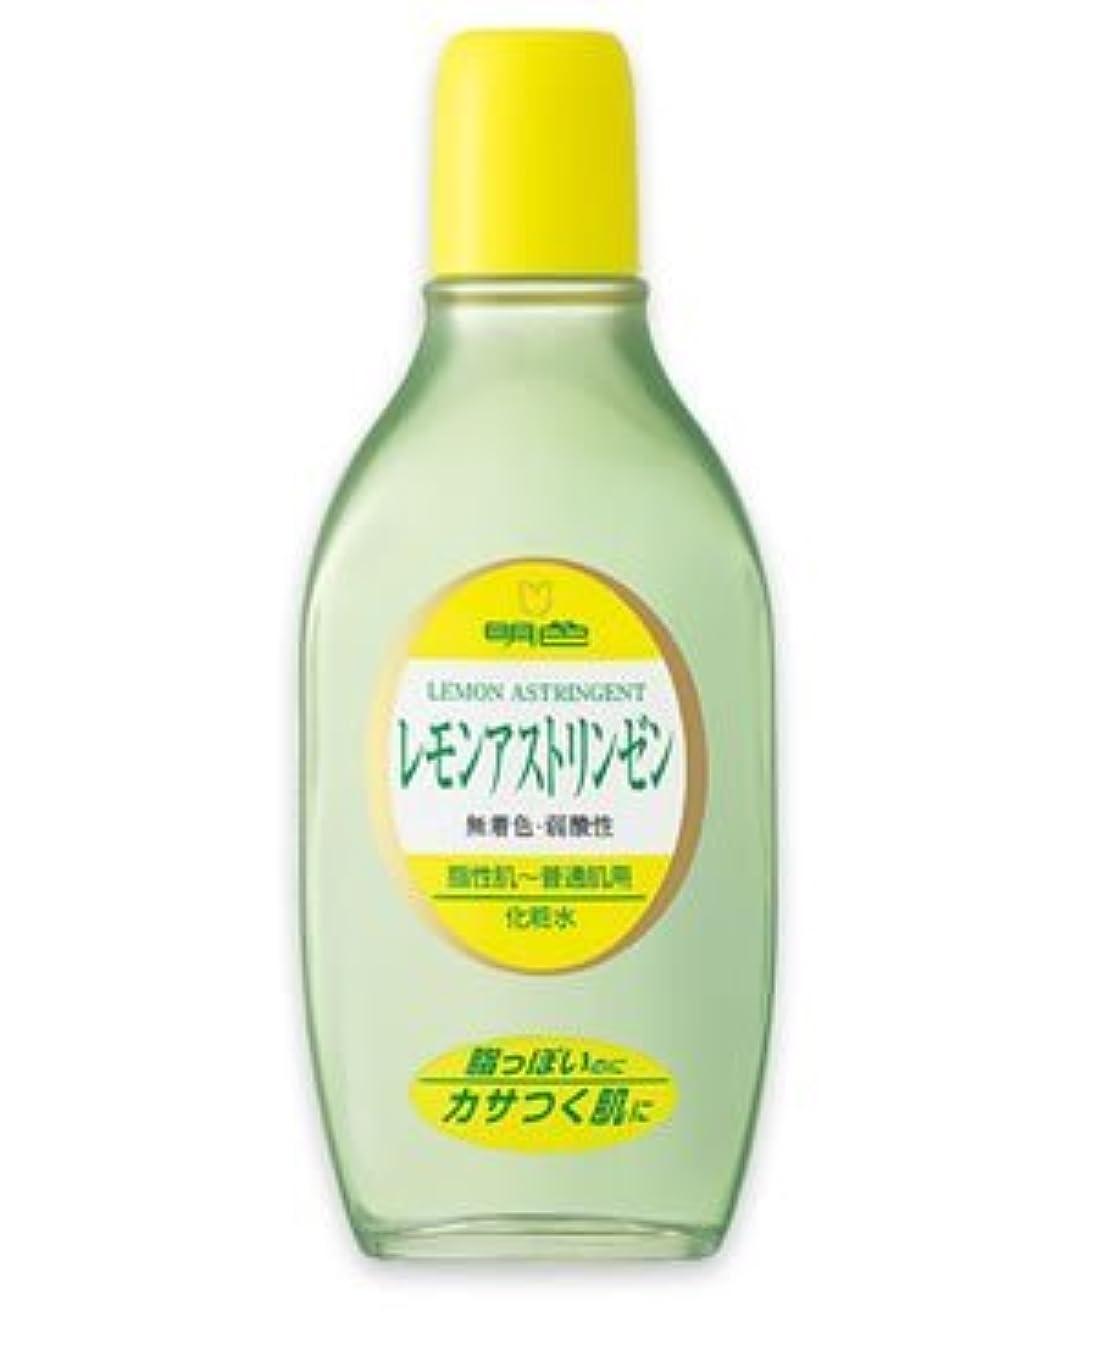 デジタル密接にブランド(明色)レモンアストリンゼン 170ml(お買い得3本セット)